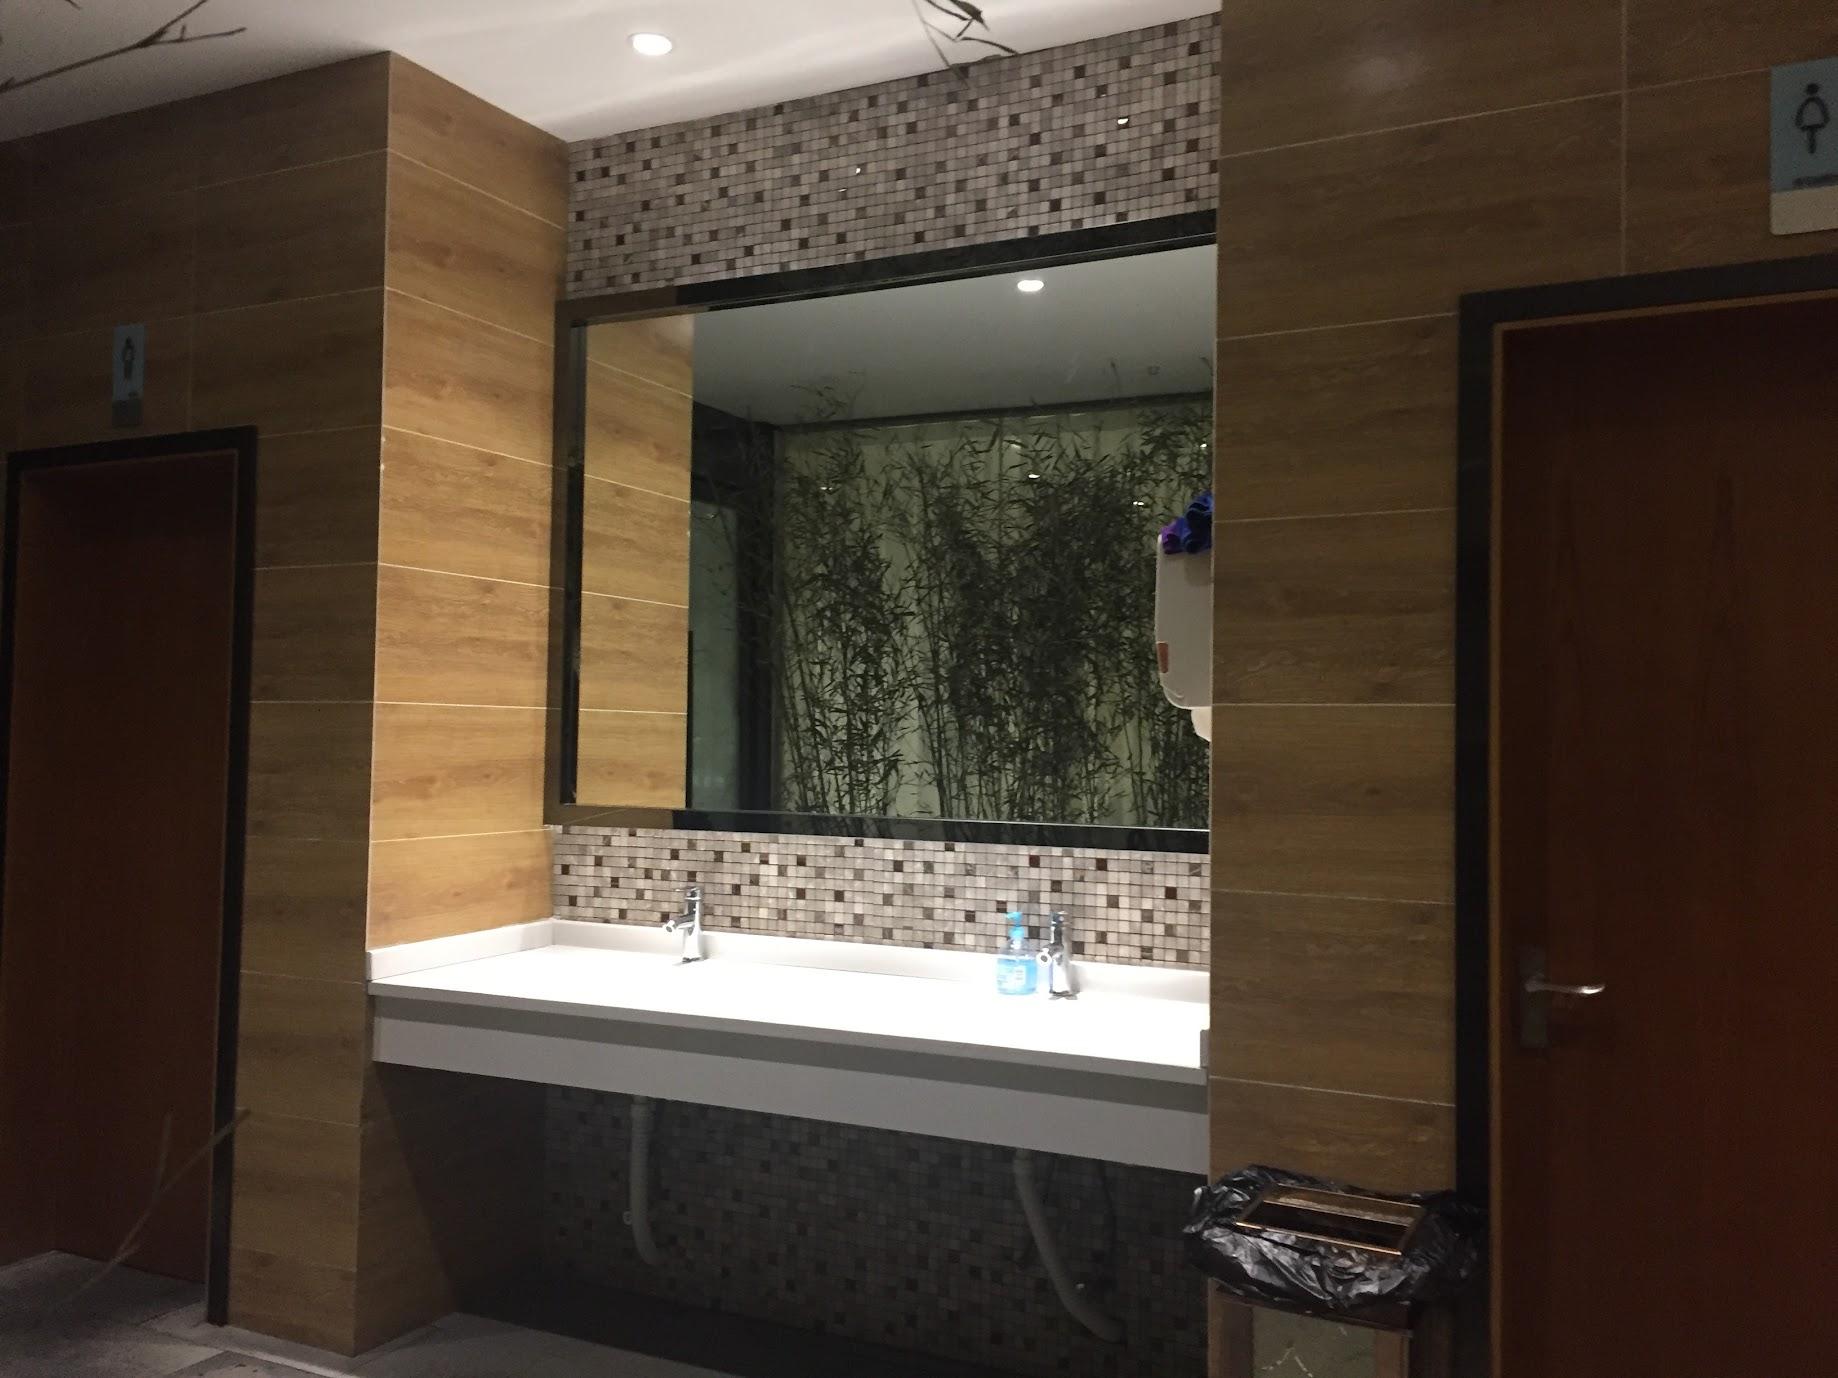 중국 청두 화장실의 공동세면대